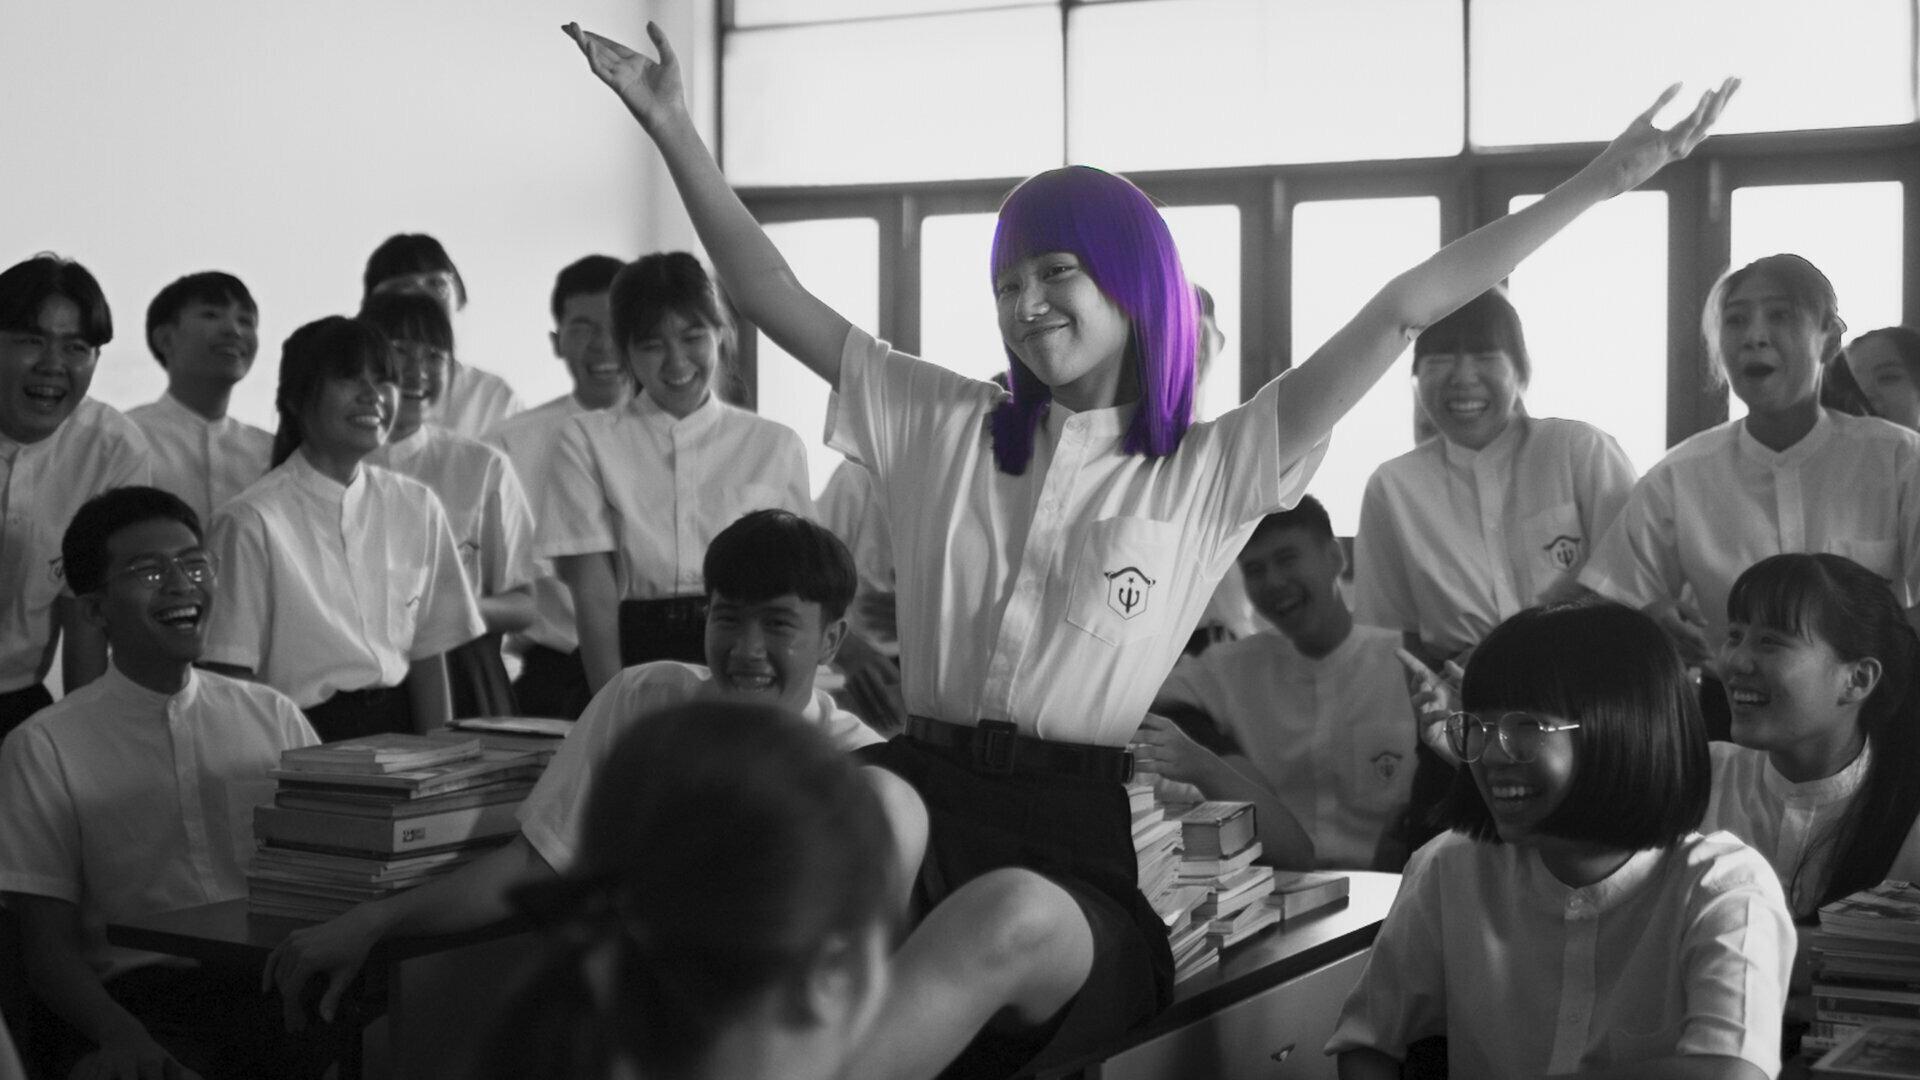 Девушка из ниоткуда — s02e06 — Liberation